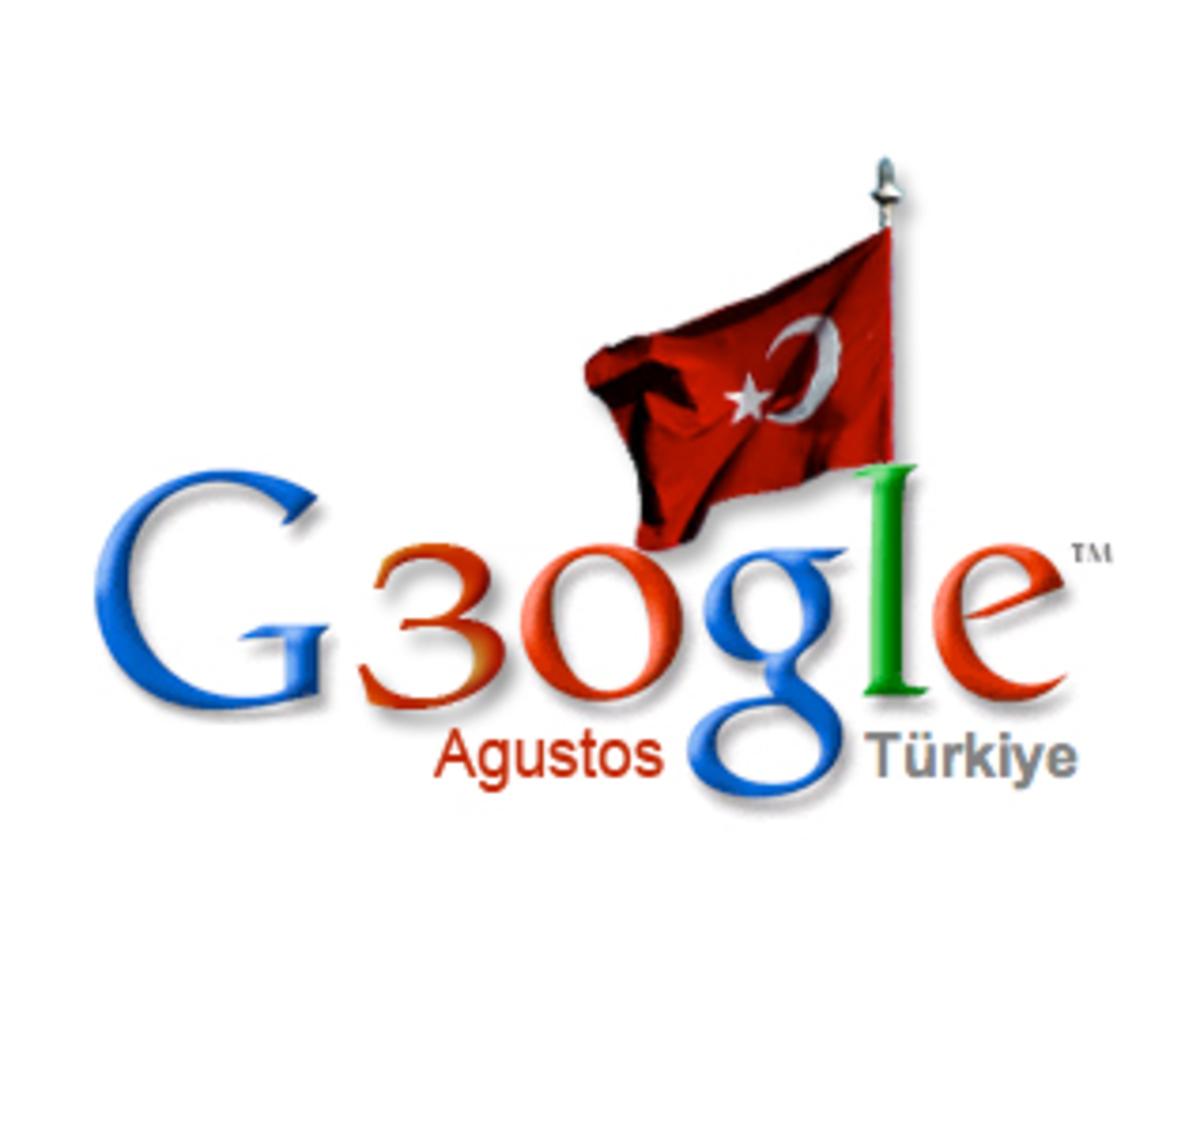 Η Τουρκία κατηγορεί τη Google για φοροδιαφυγή | Newsit.gr